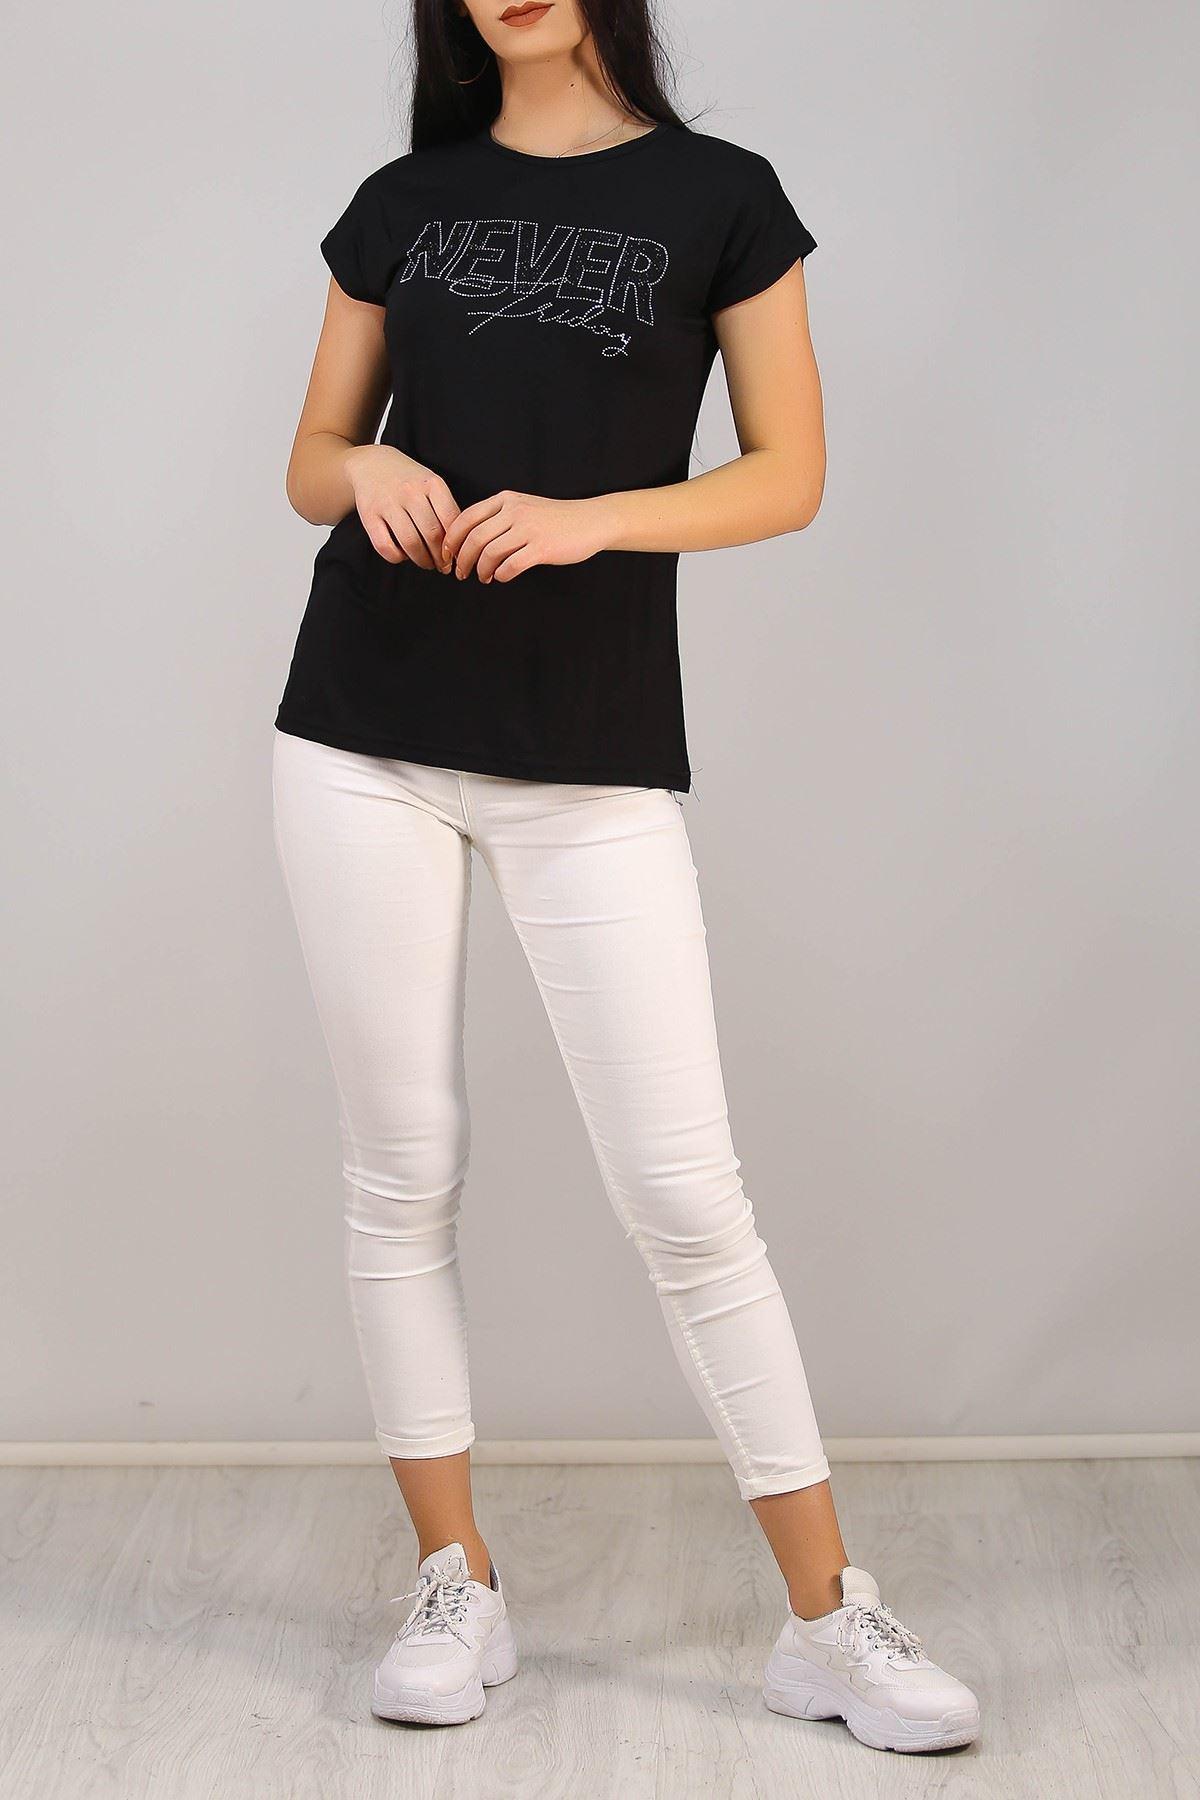 Taşlı Tişört Siyah - 5028.139.